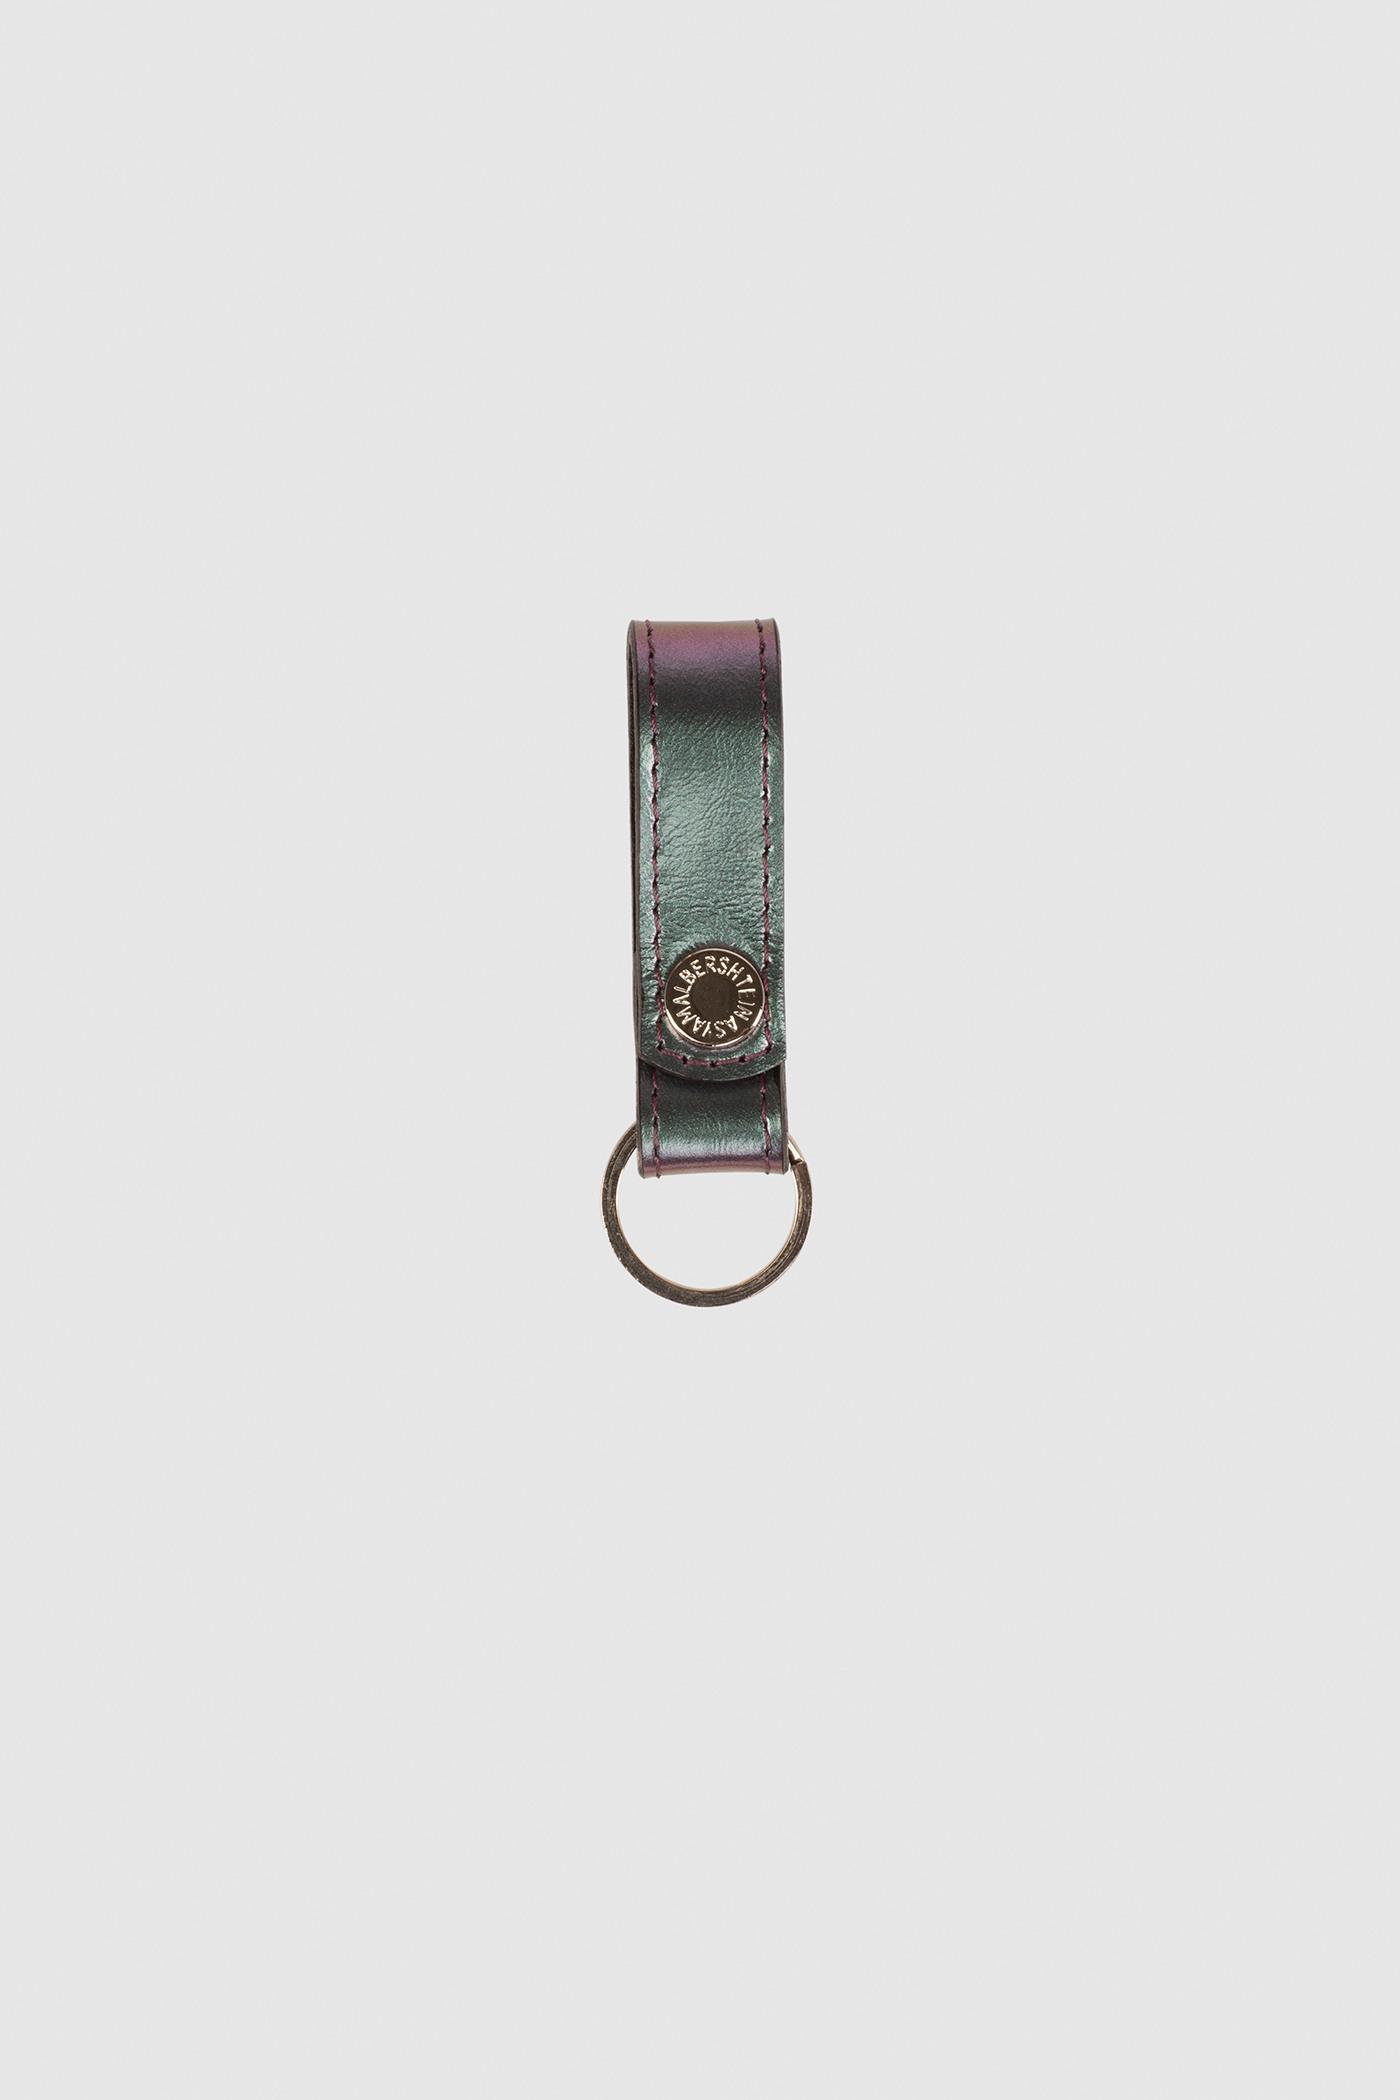 Кожаный брелокКожаный брелок для ключей на кнопке.&#13;<br>&#13;<br>&#13;<br>Диаметр металлического кольца - 25 мм.&#13;<br>&#13;<br>Длина кожаного хлястика - 7 см, ширина - 2 см.&#13;<br>&#13;<br>Металлическая брендированная кнопка.<br><br>Цвет: Черный, Красный, Морская волна, Бордовый, Серебро, Золото , Капучино , Черный глянец, Красный глянец, Бензин, Леопард , Винный глянец